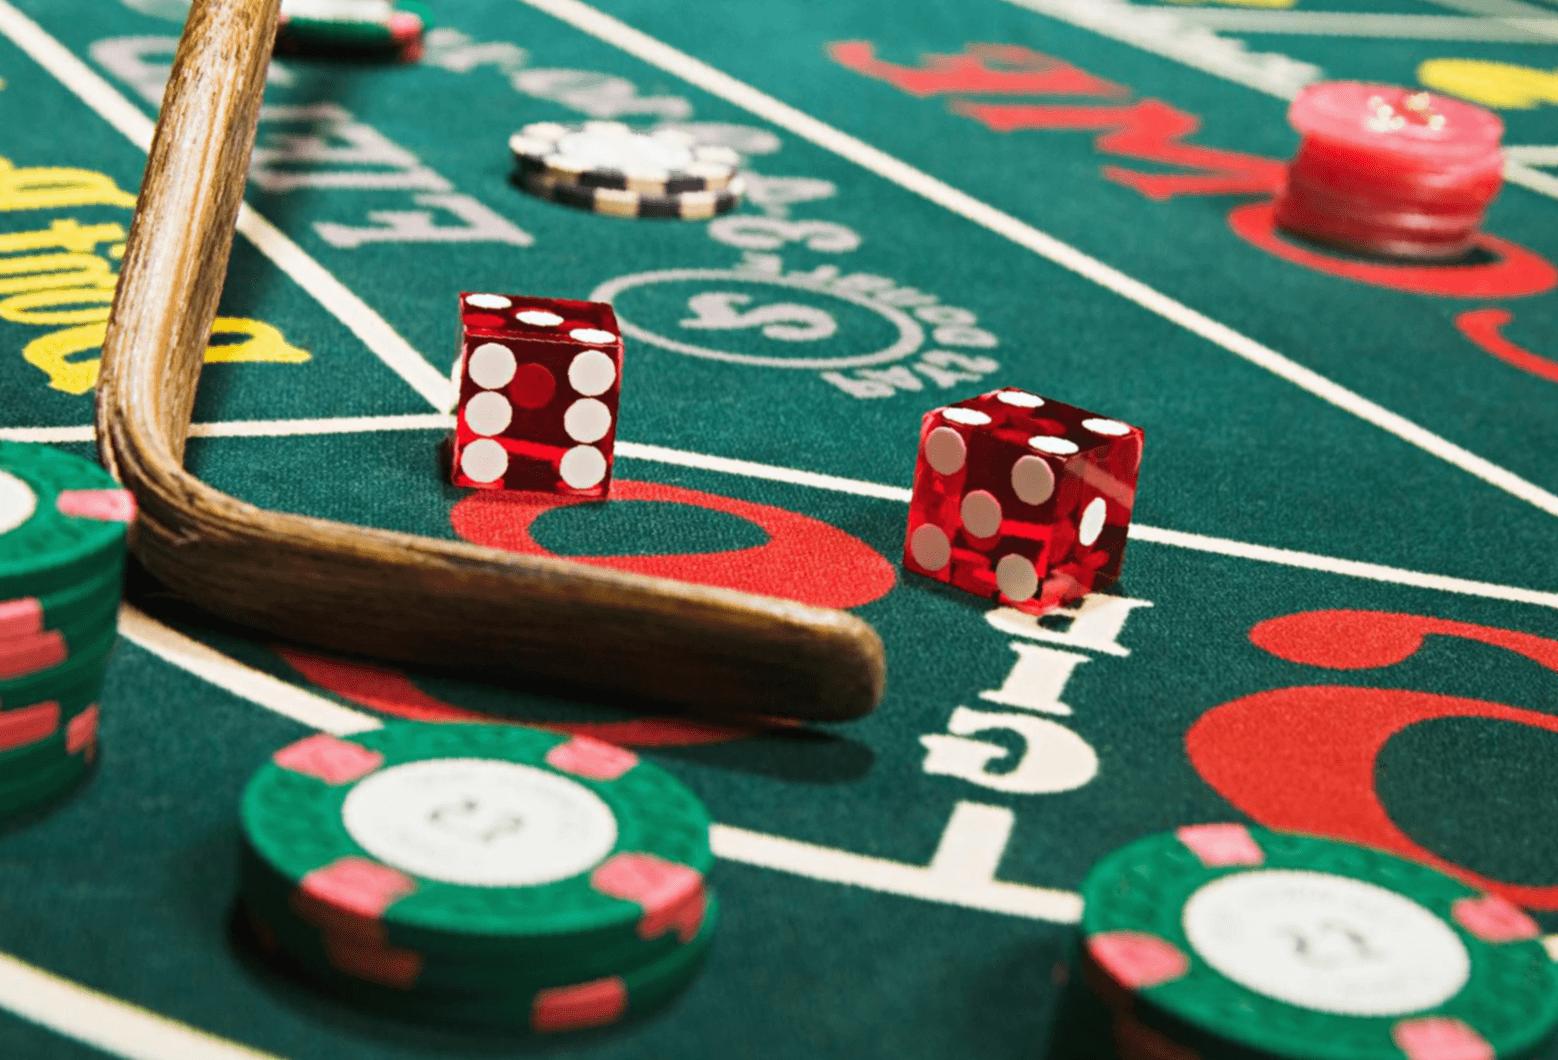 Гемблинг: с чего начать новичку? термины, основы основ по работе с gambling-вертикалью